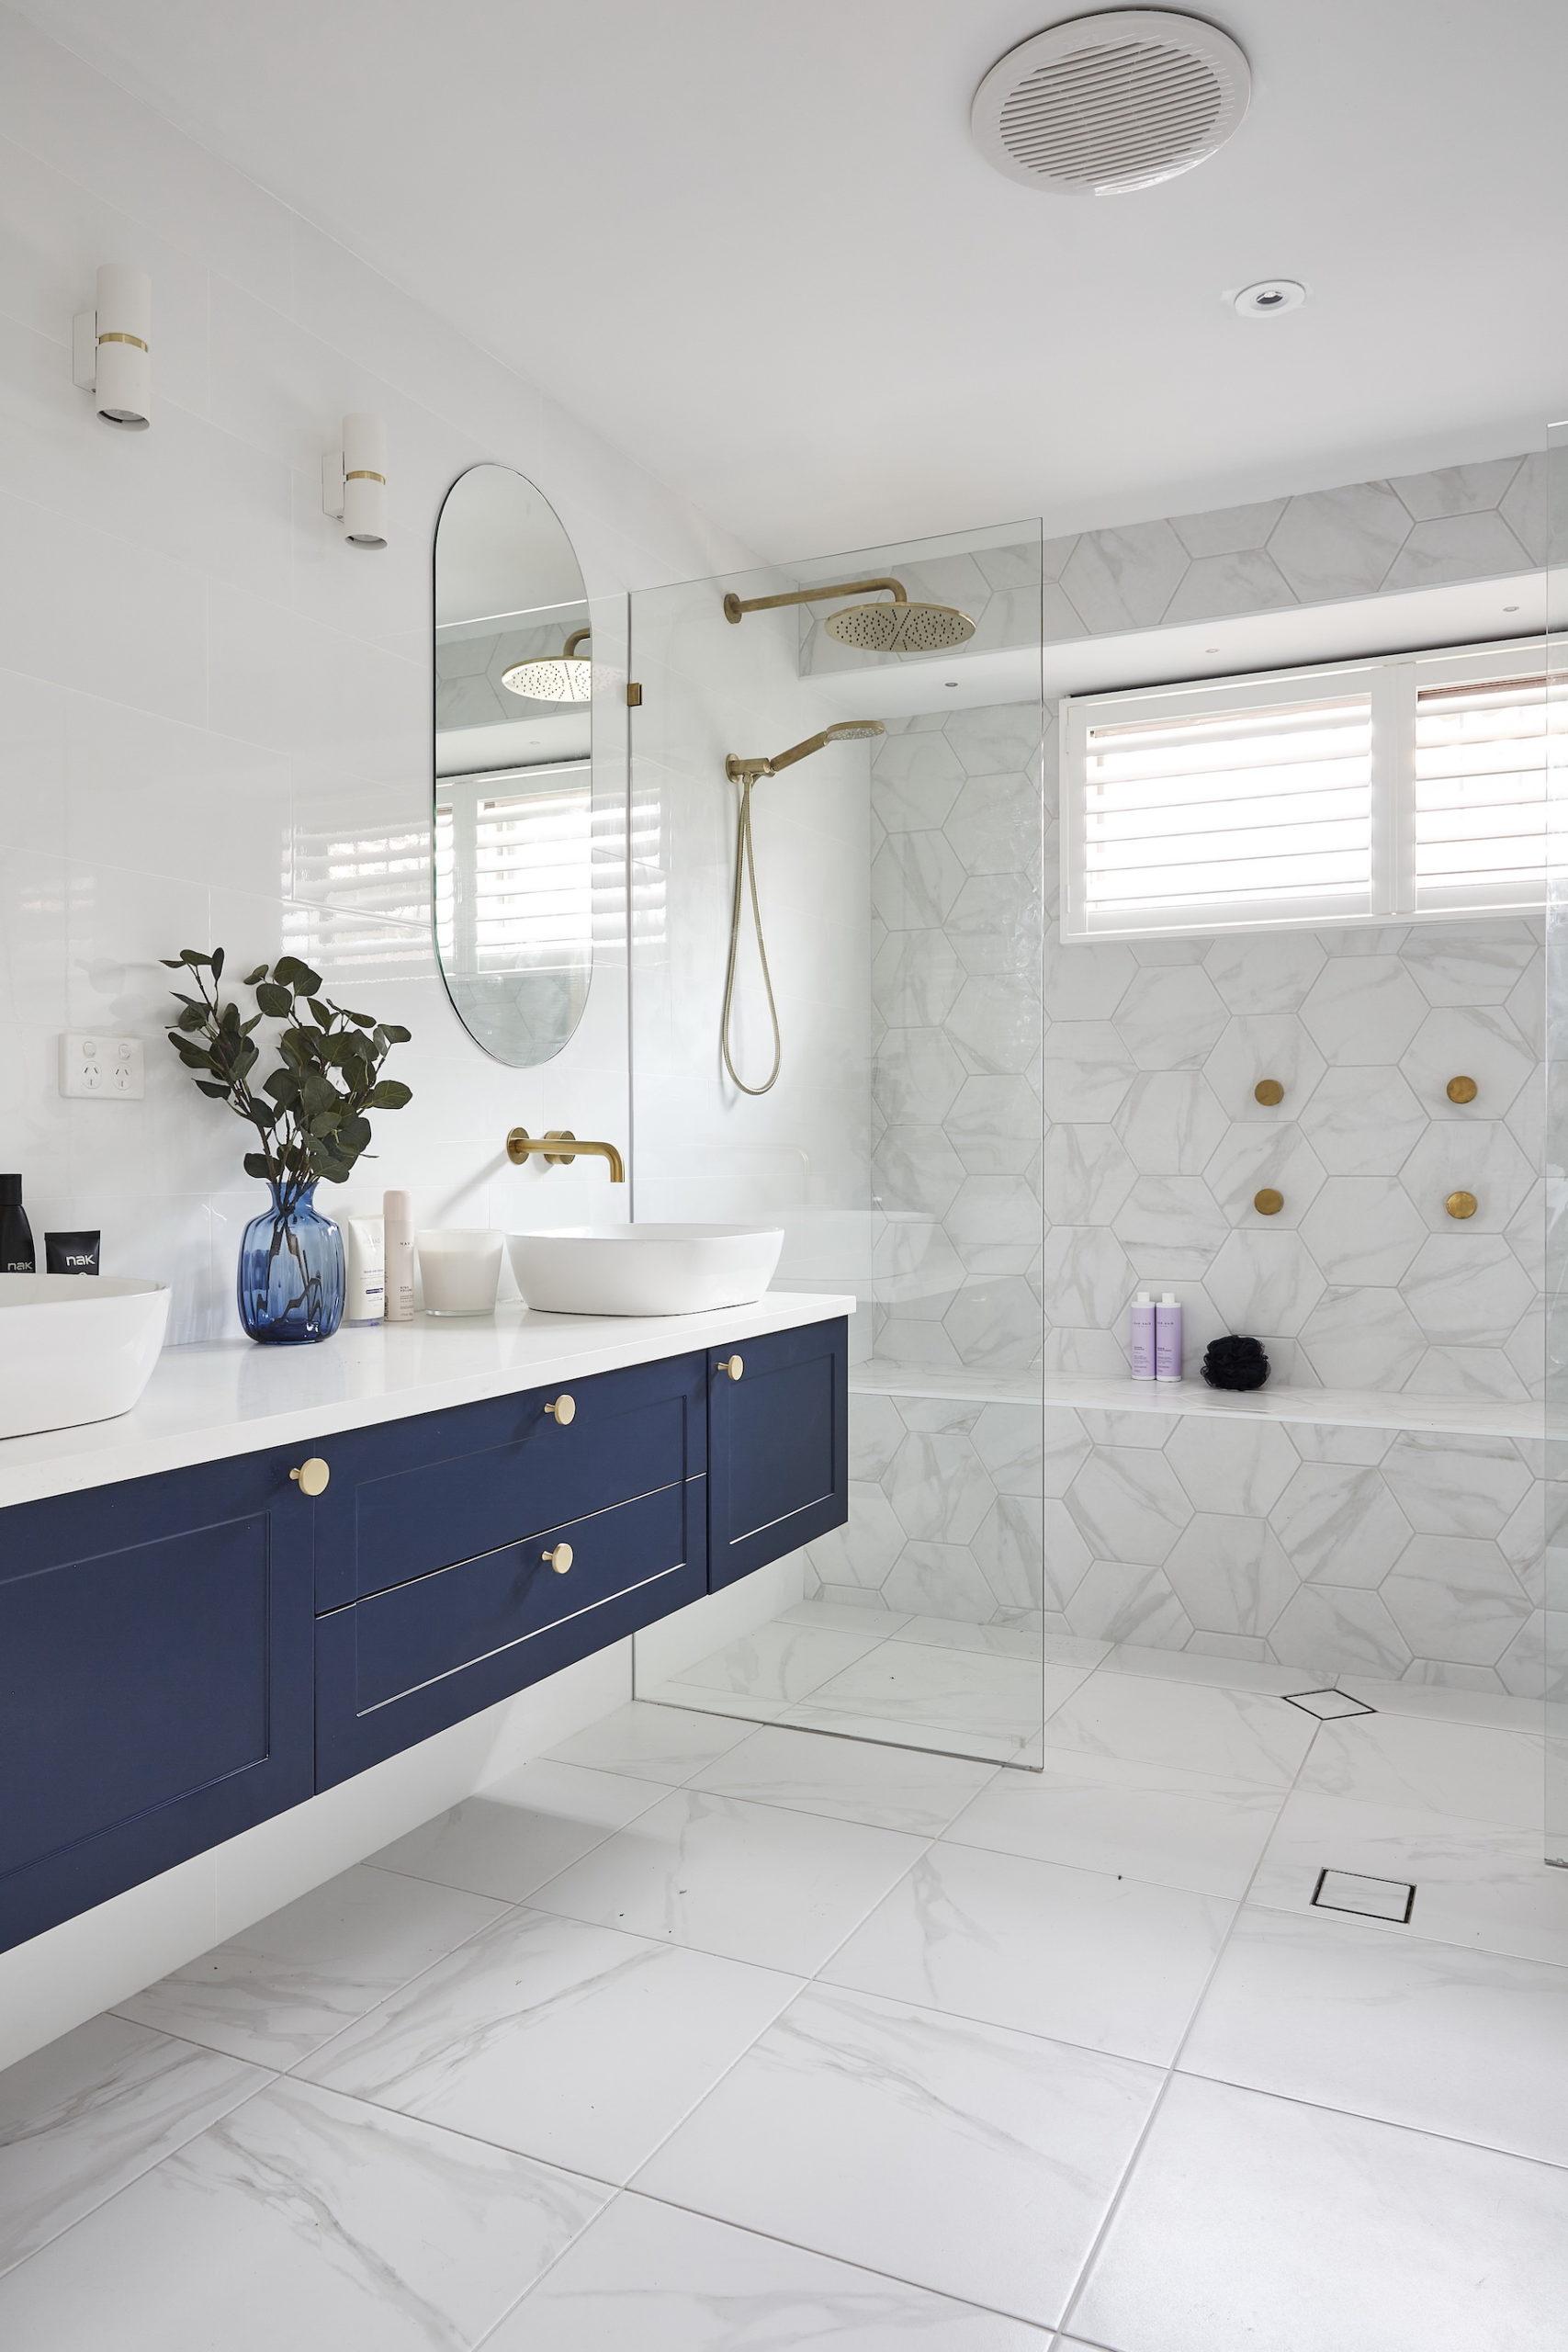 house rules 2020 lenore hamptons bathroom navy blue vanity gold handles